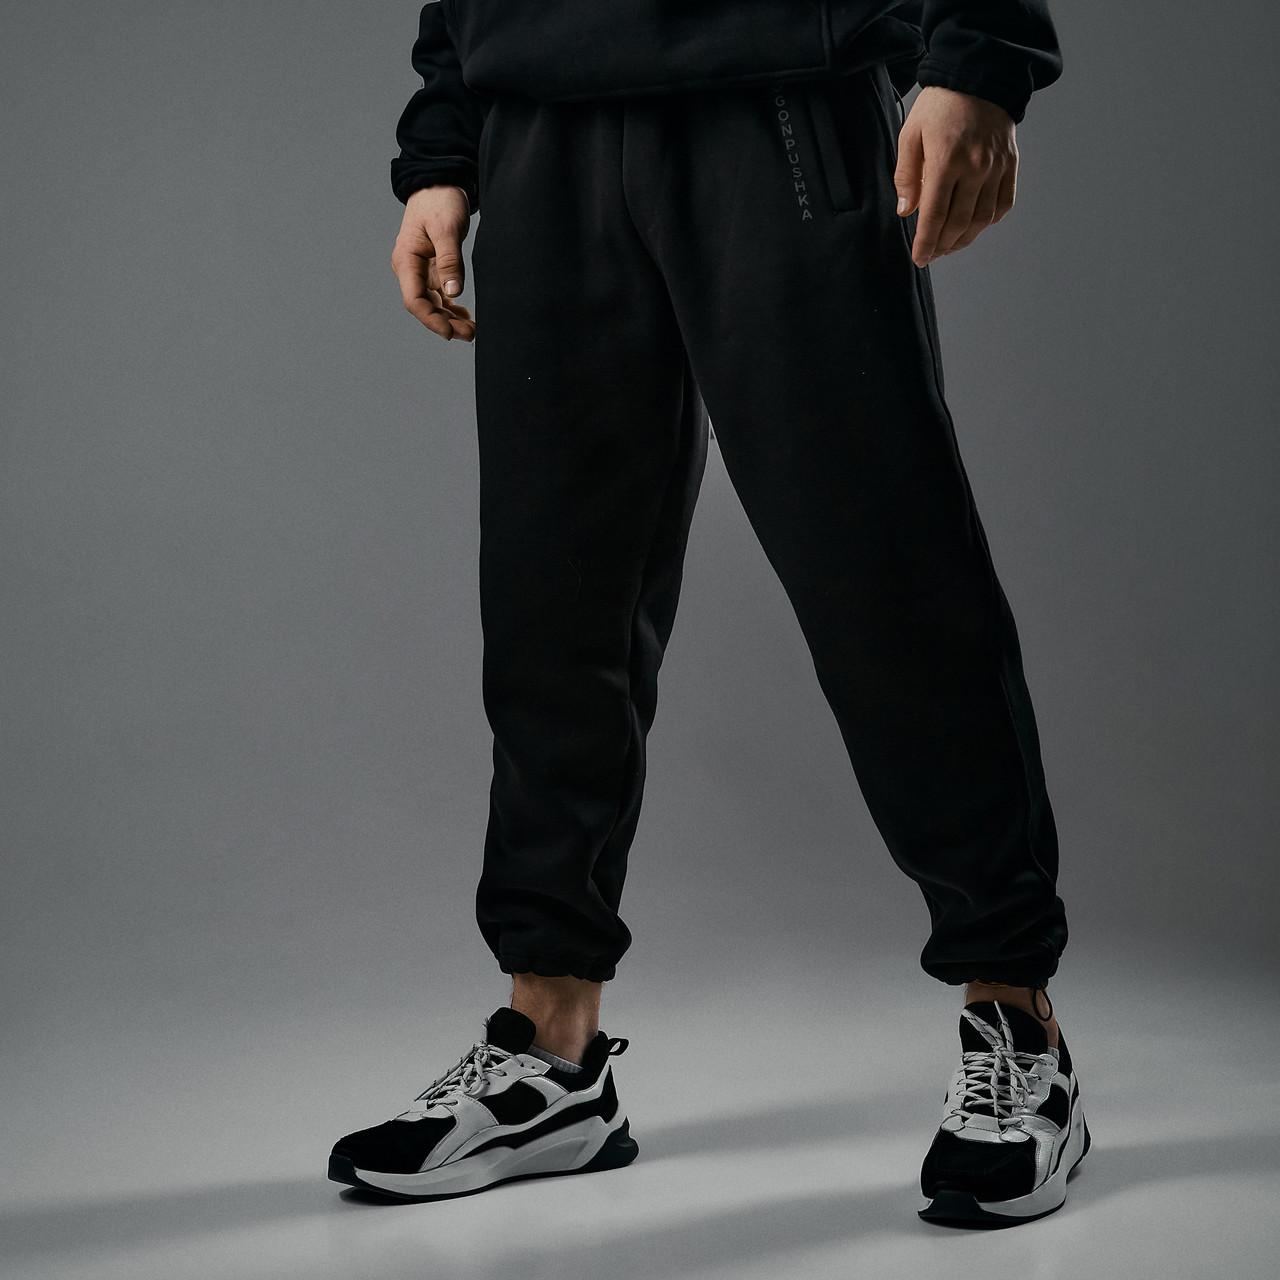 Теплые спортивные штаны оверсайз Пушка Огонь SCALE черные